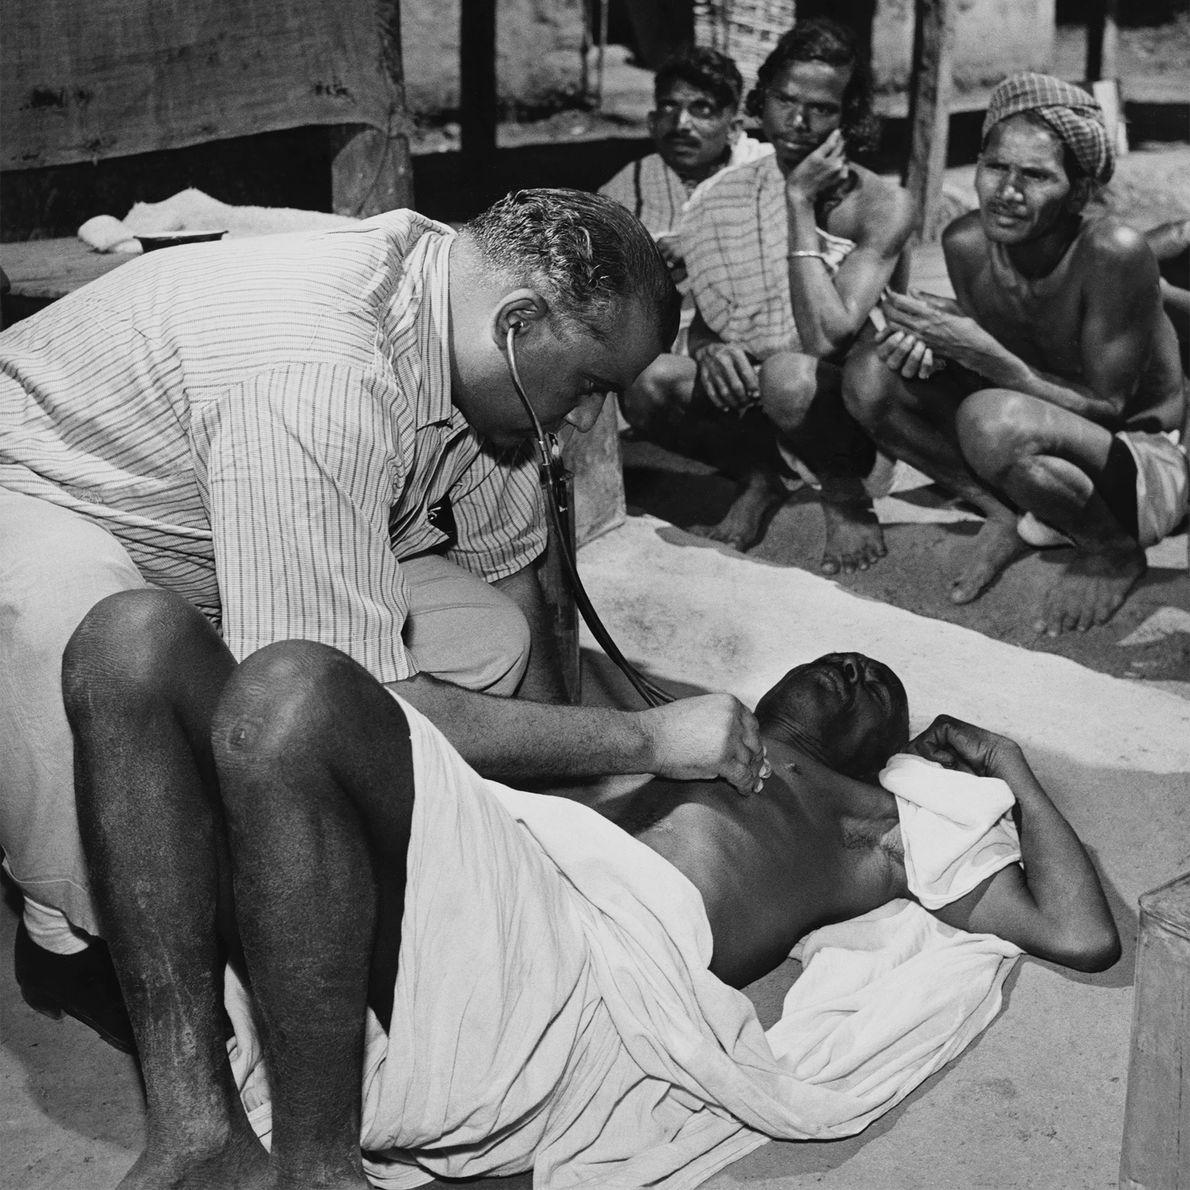 Pacientes observam um médico examinar um paciente no povoado de Bastar.